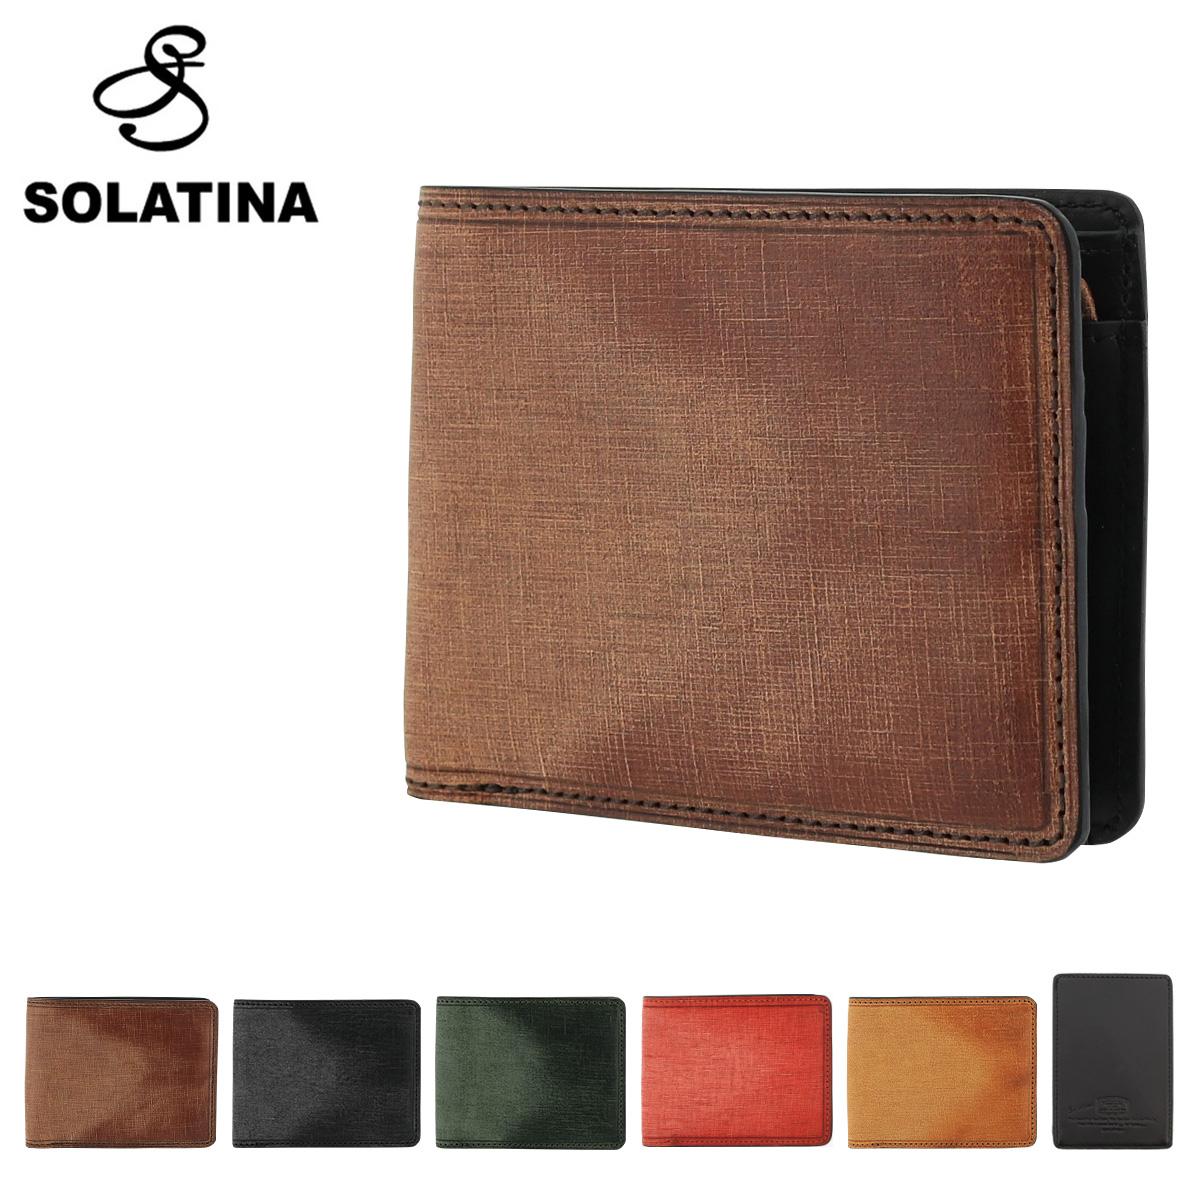 ソラチナ 二つ折り財布 バベル メンズ SW-70013 SOLATINA | 本革 イタリアンレザー カーフ パスケース付 [PO10][bef]